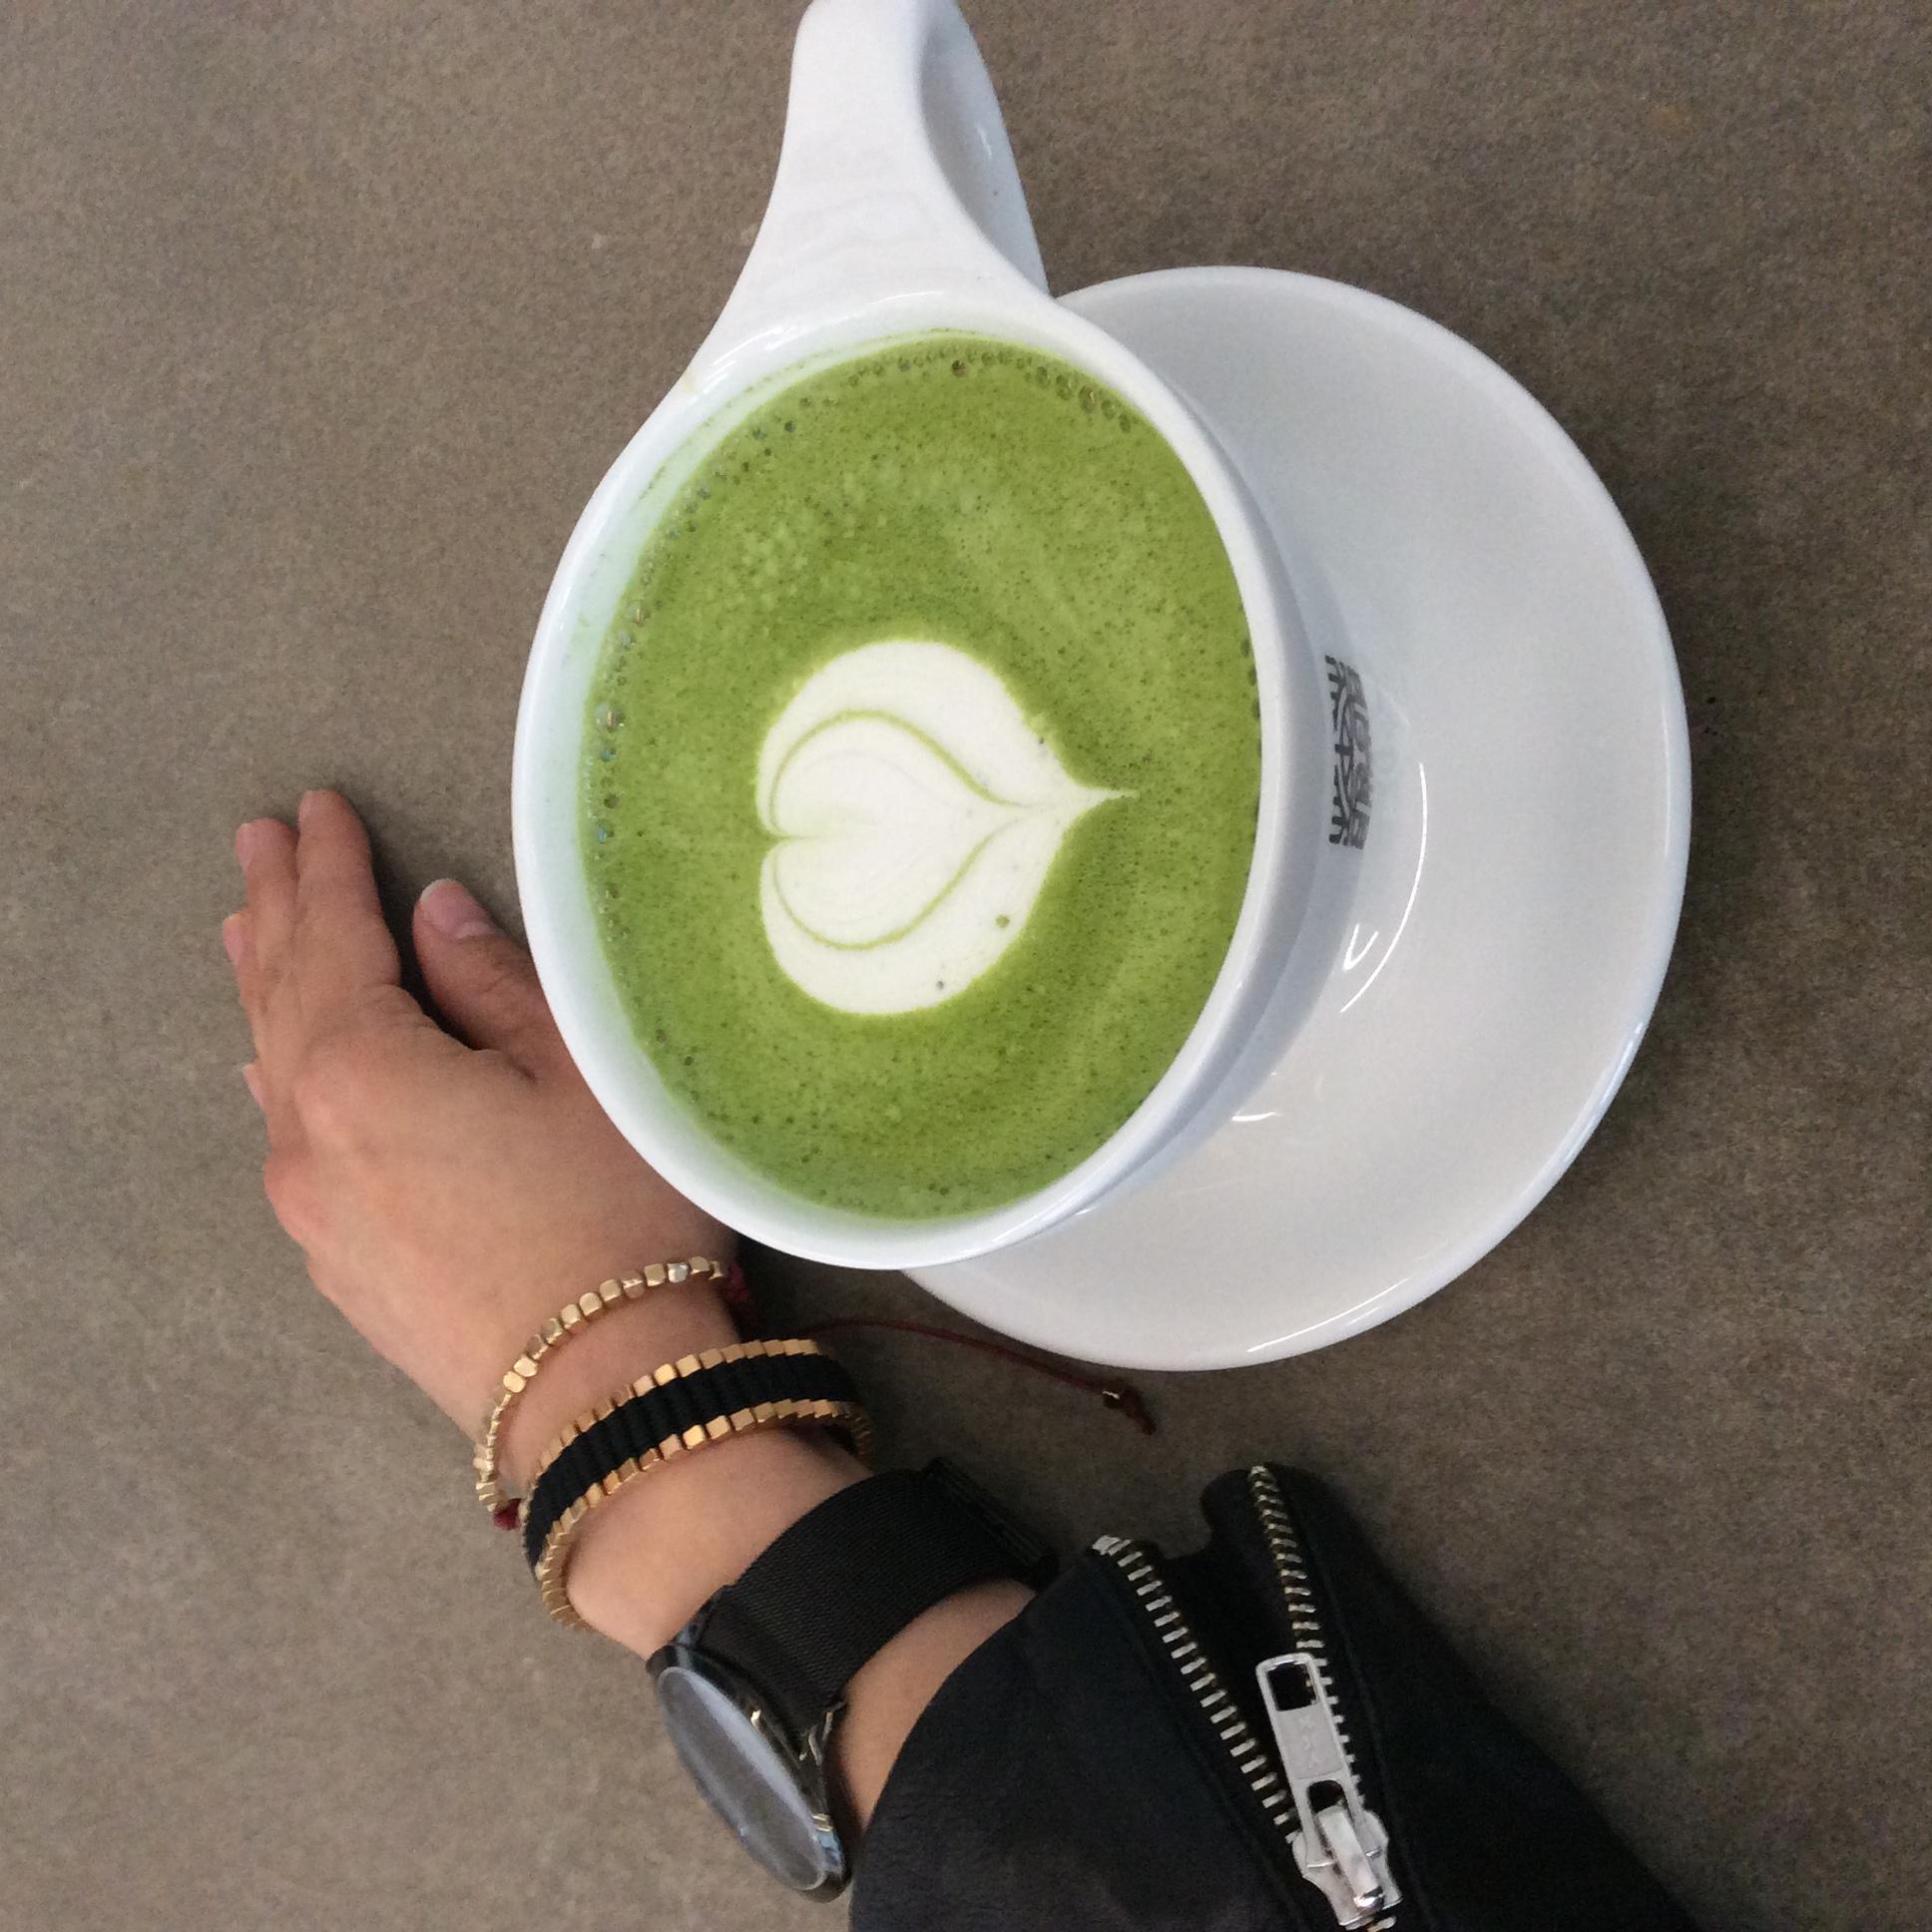 WoahStyle.com | Odin matcha latte Toronto, Fjord black watch, Vitaly bracelet, Birds Of A Feather bracelet